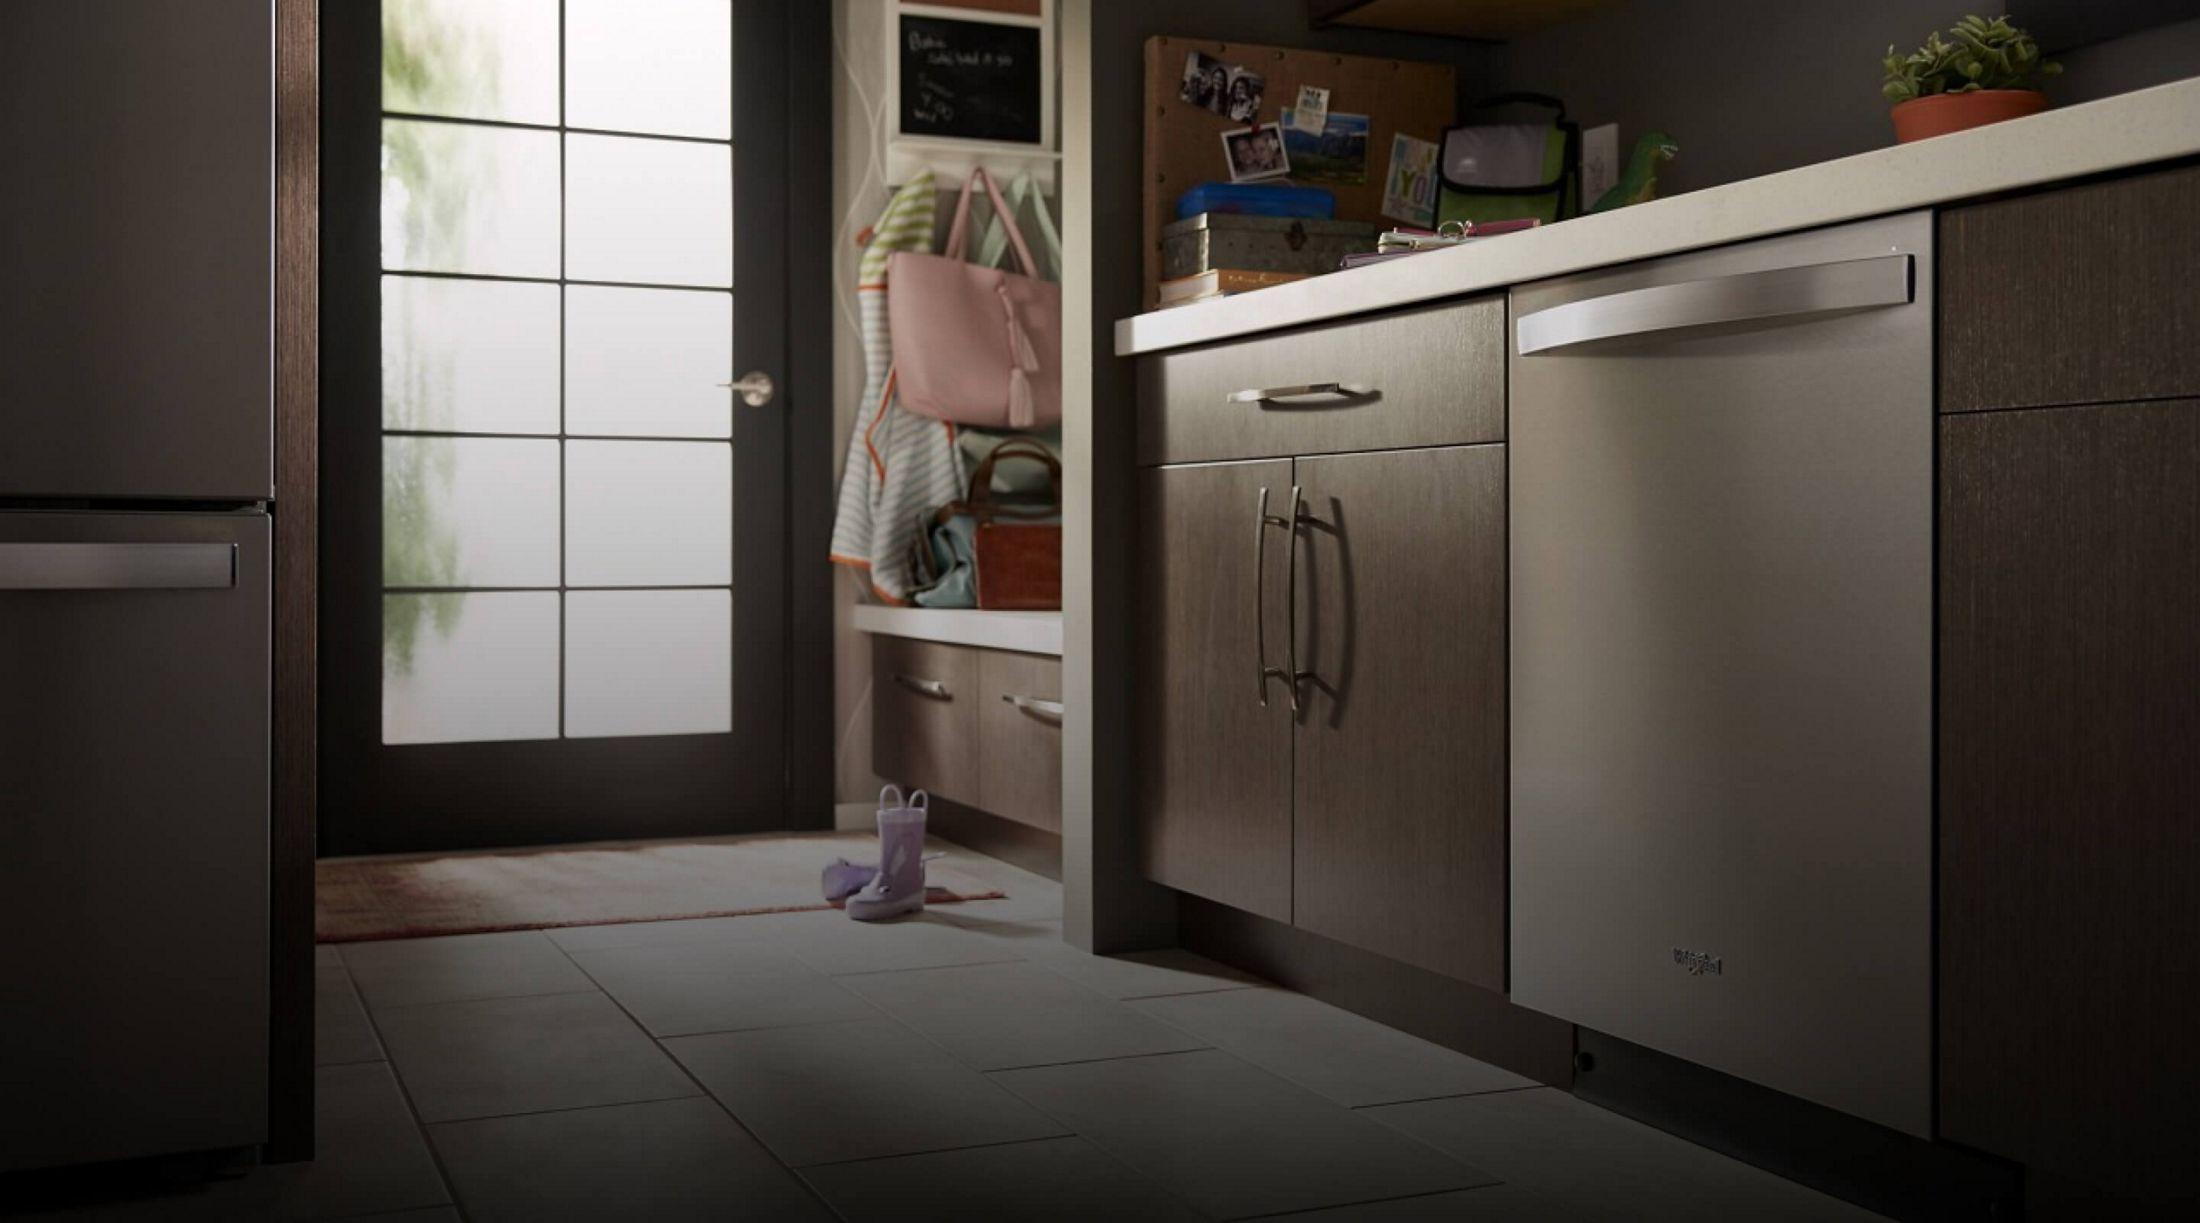 Whirlpool® dishwasher near an entryway